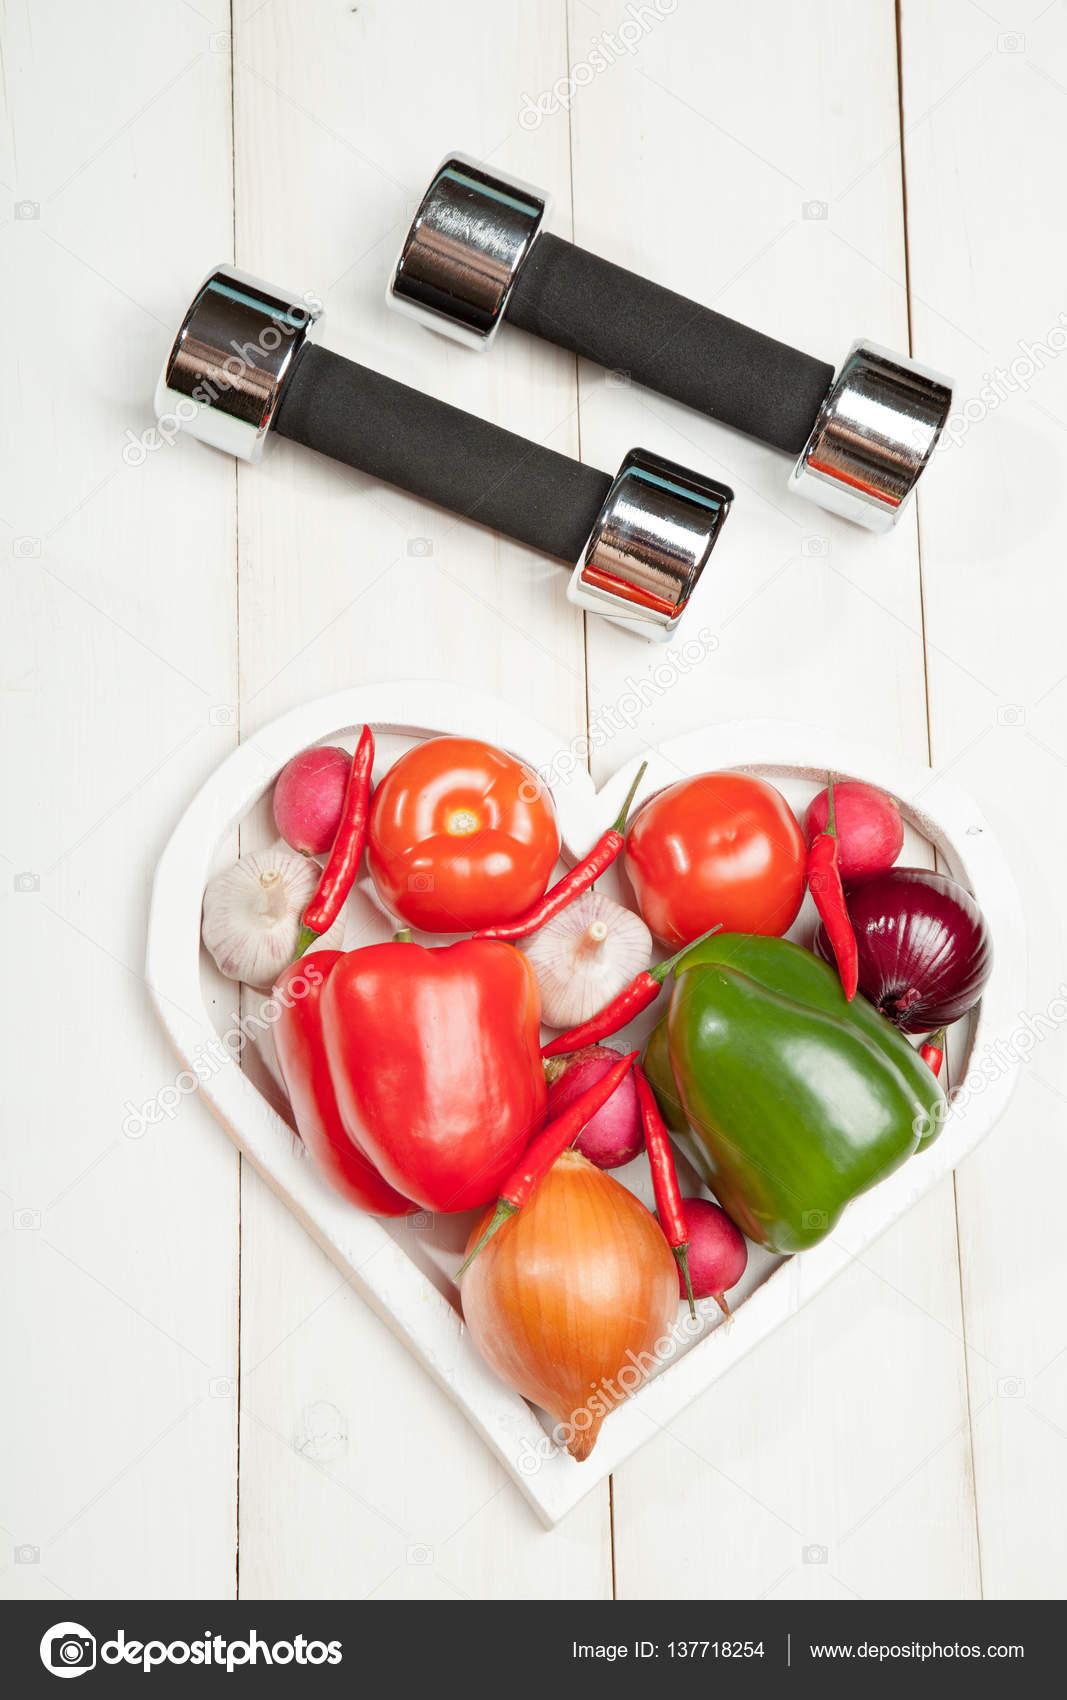 Диета здоровый образ жизни, приготовление свежих органических.